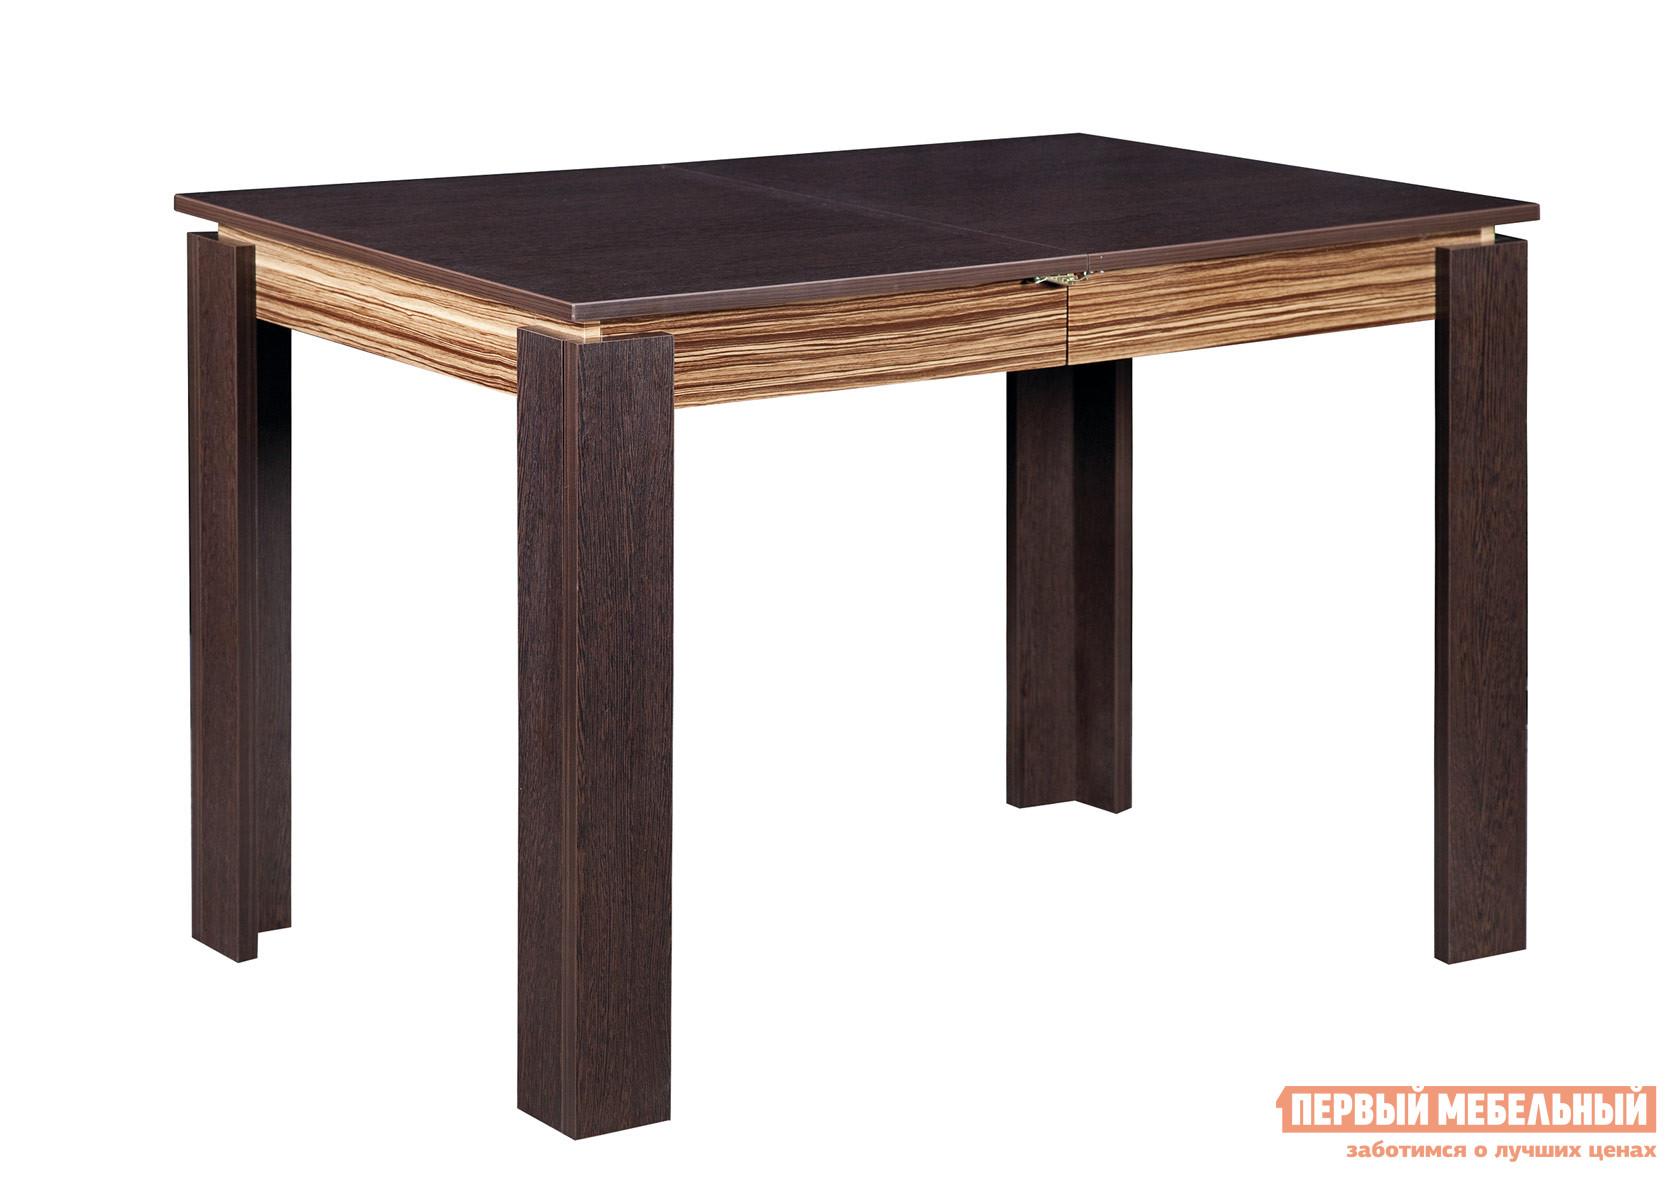 Обеденный стол-трансформер Витра Орфей-16 обеденный стол витра орфей 21